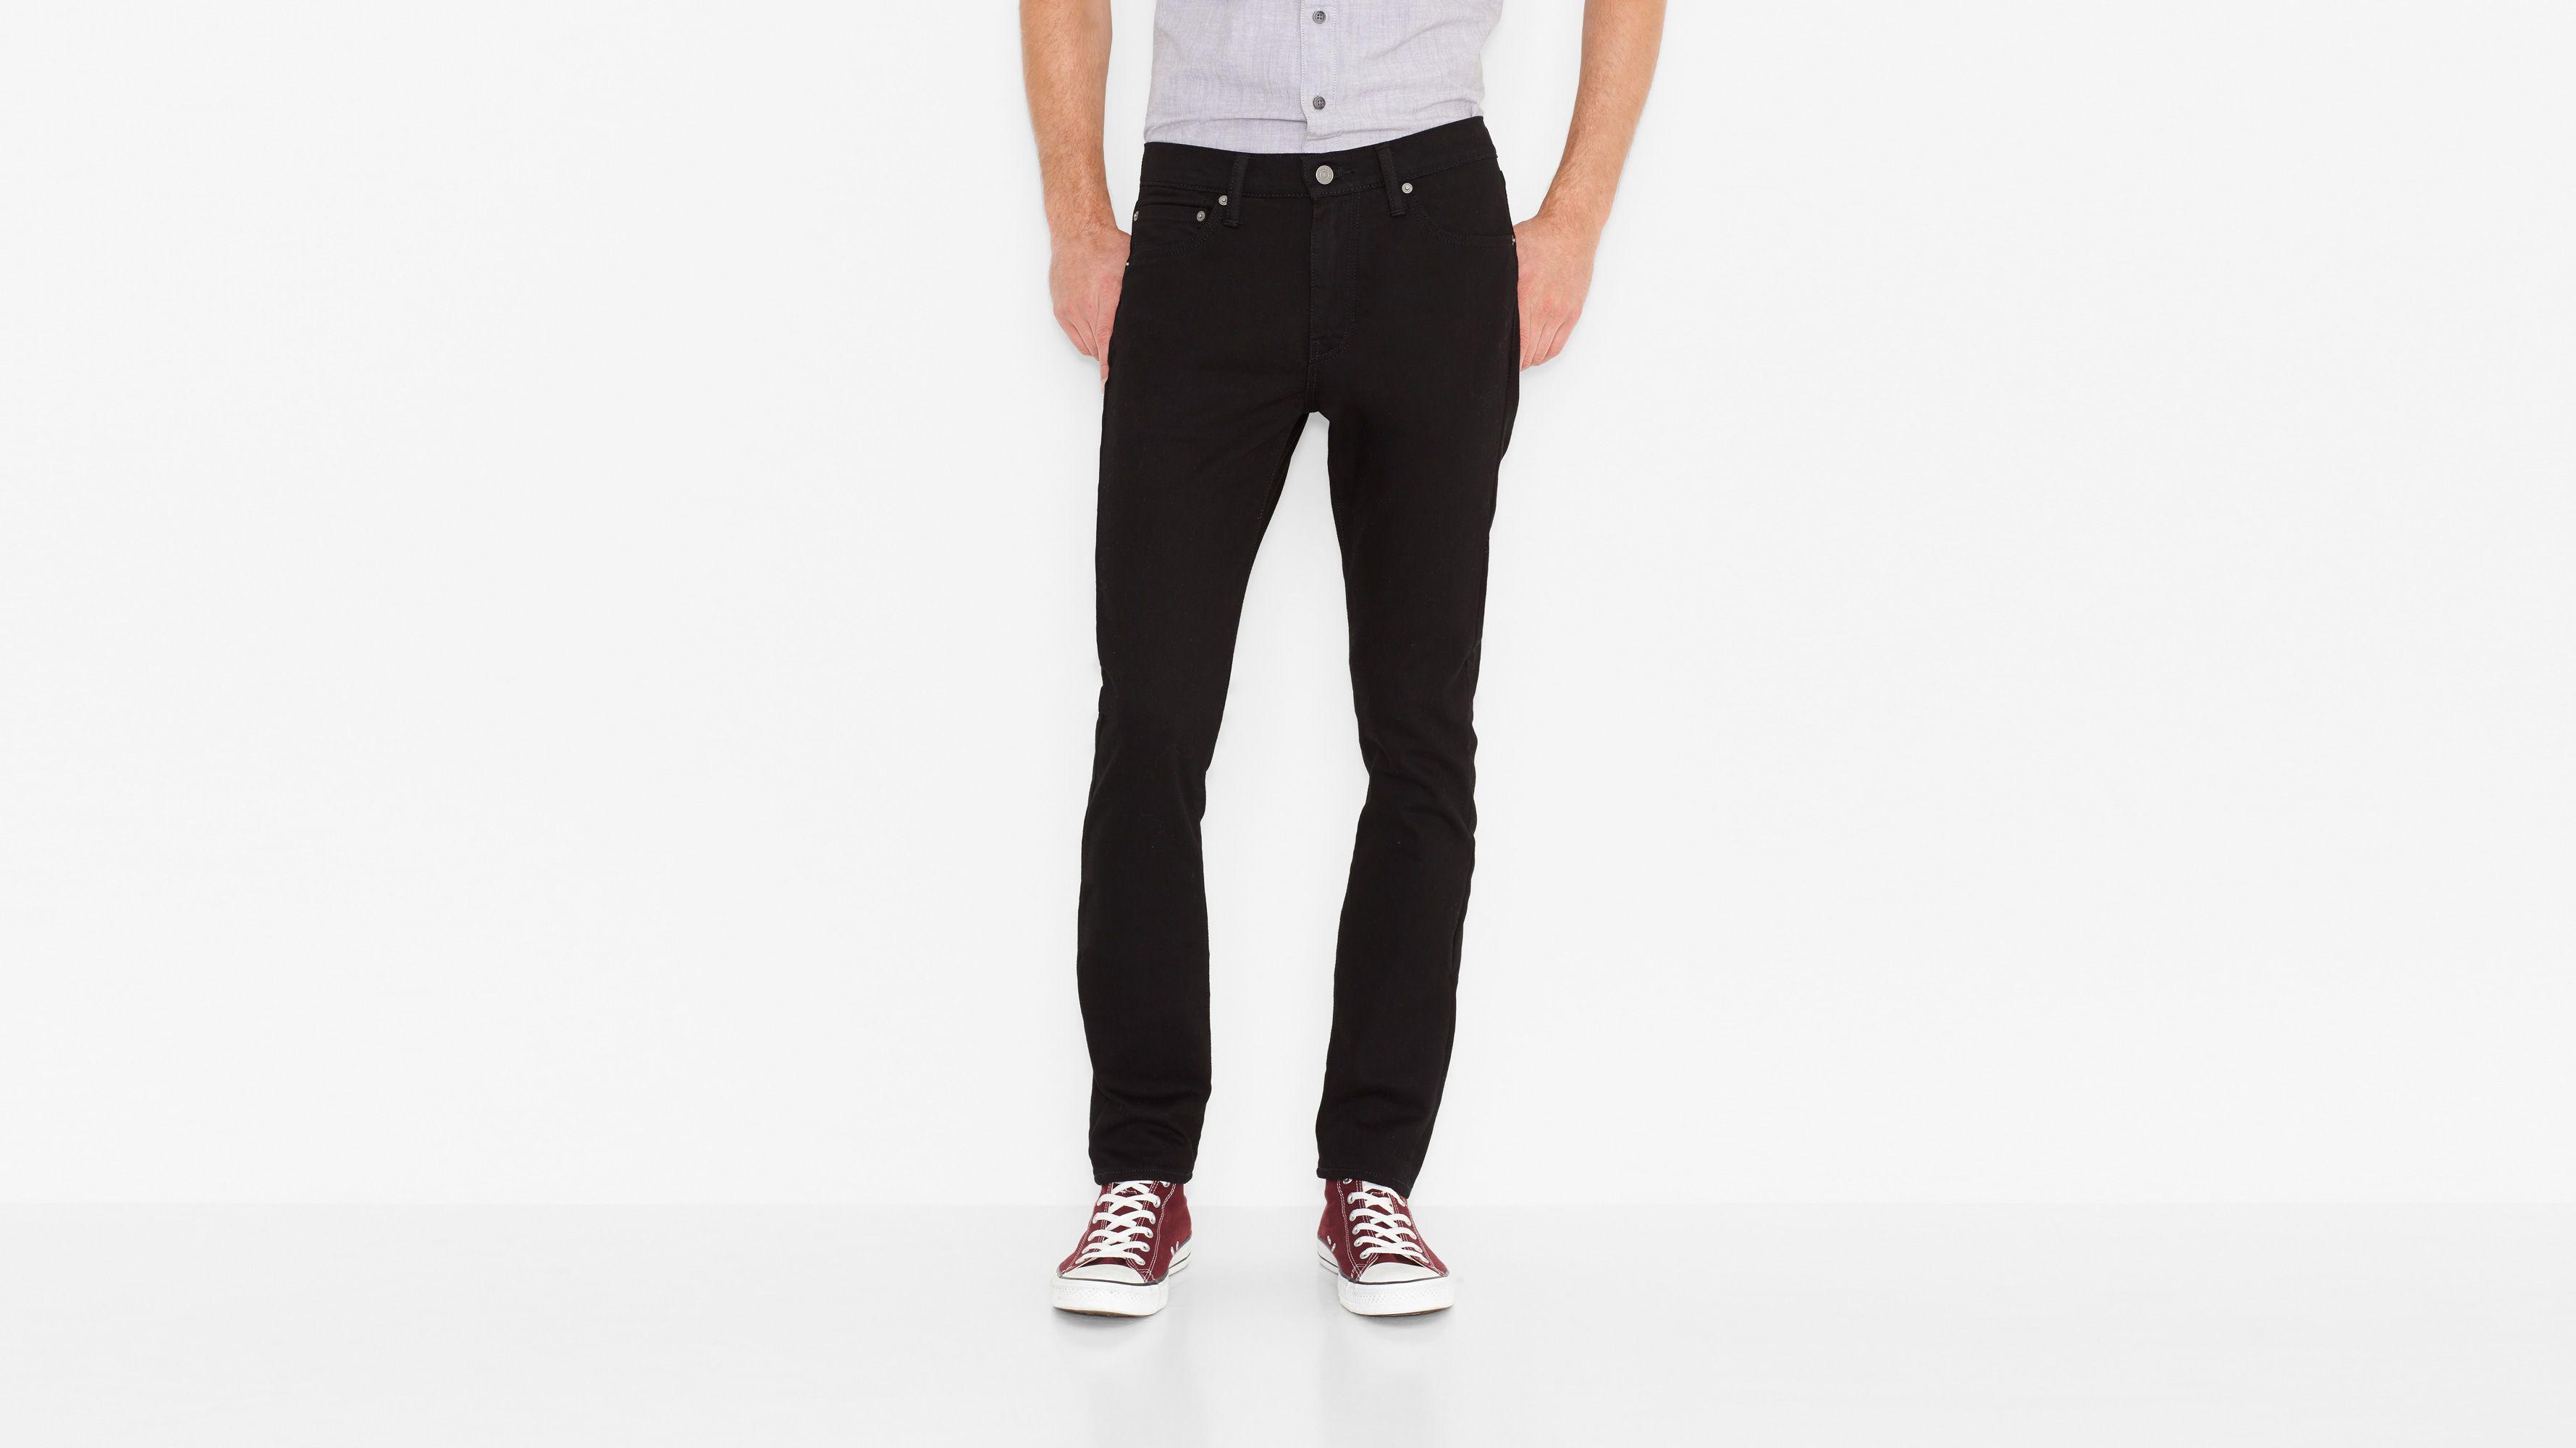 510™ Skinny Fit Jeans - Nightshine